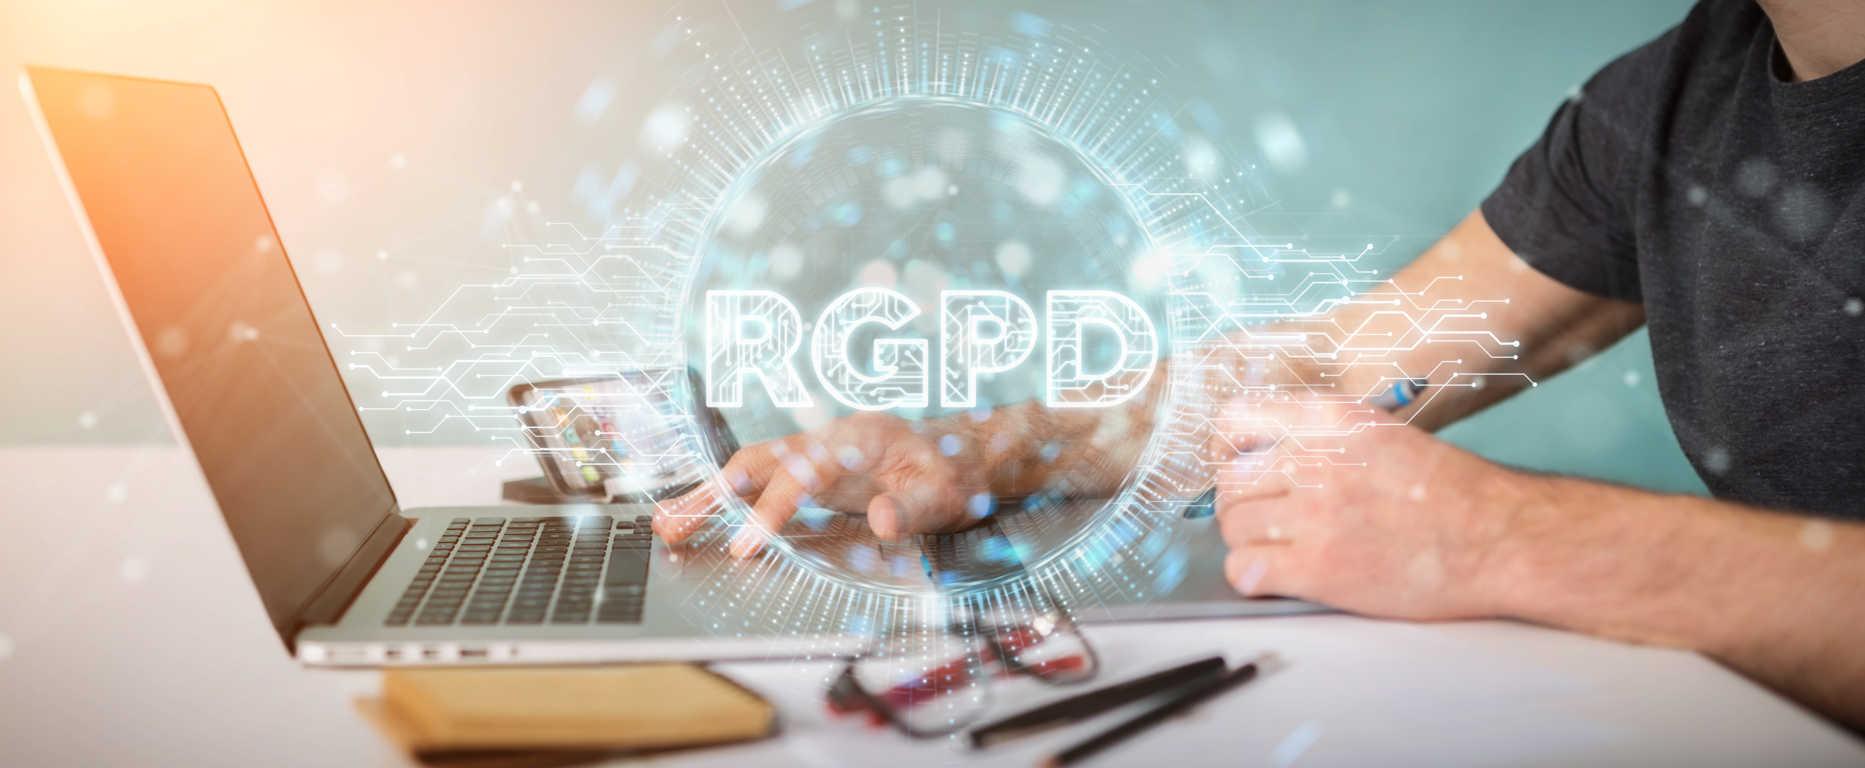 España, empresas y RGDP